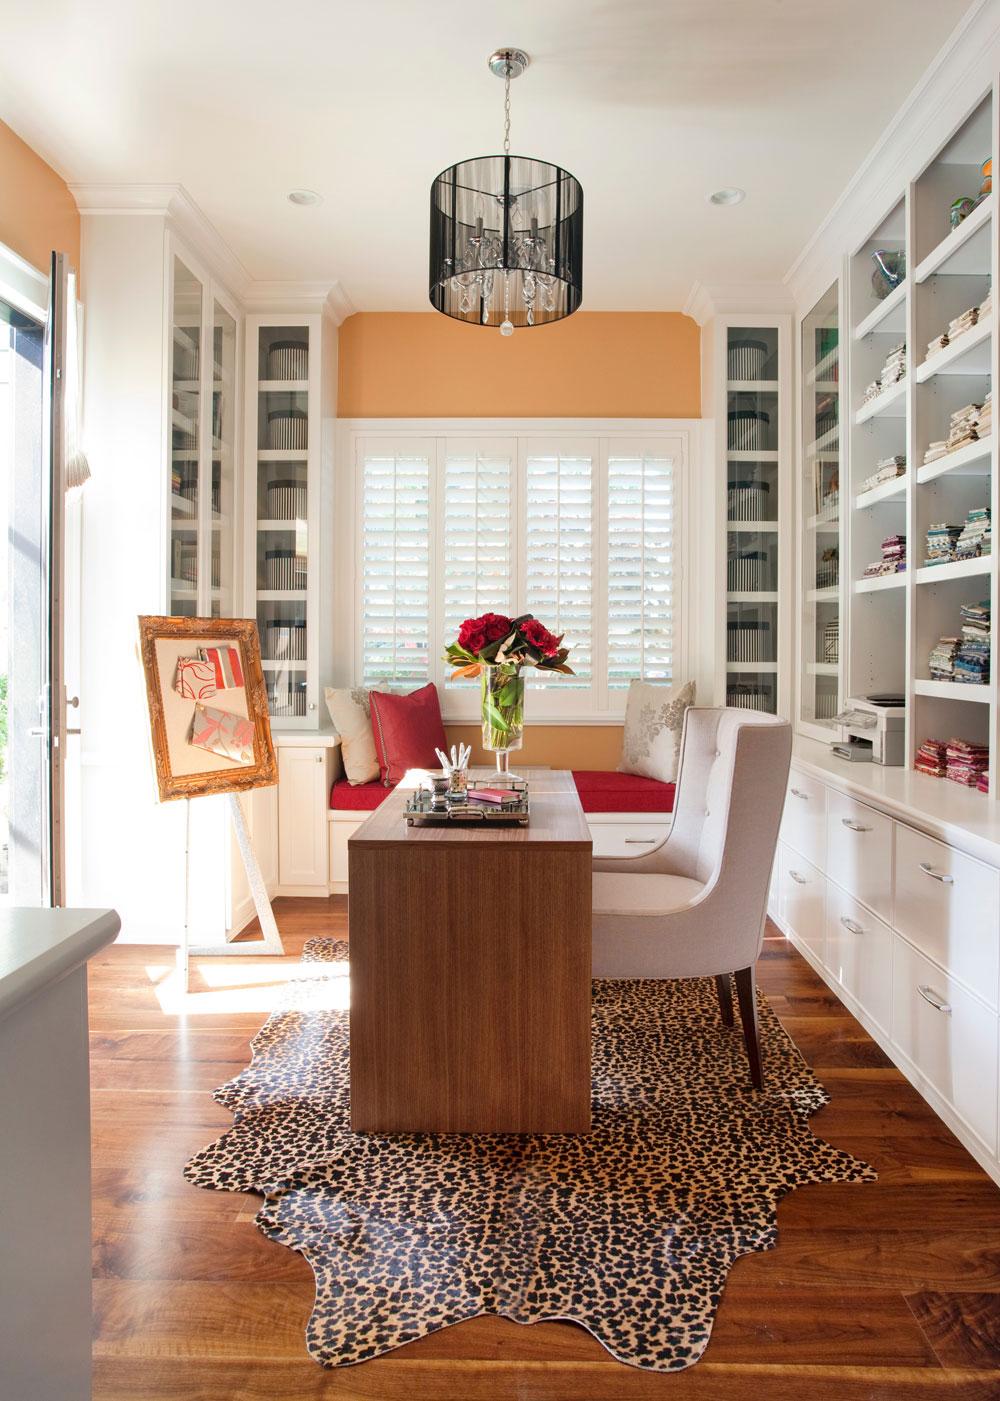 Stora hemmakontor-design-idéer-för-arbetet-för-hem-människor-12 Bra hemmakontorsdesign-idéer för arbete hemifrån